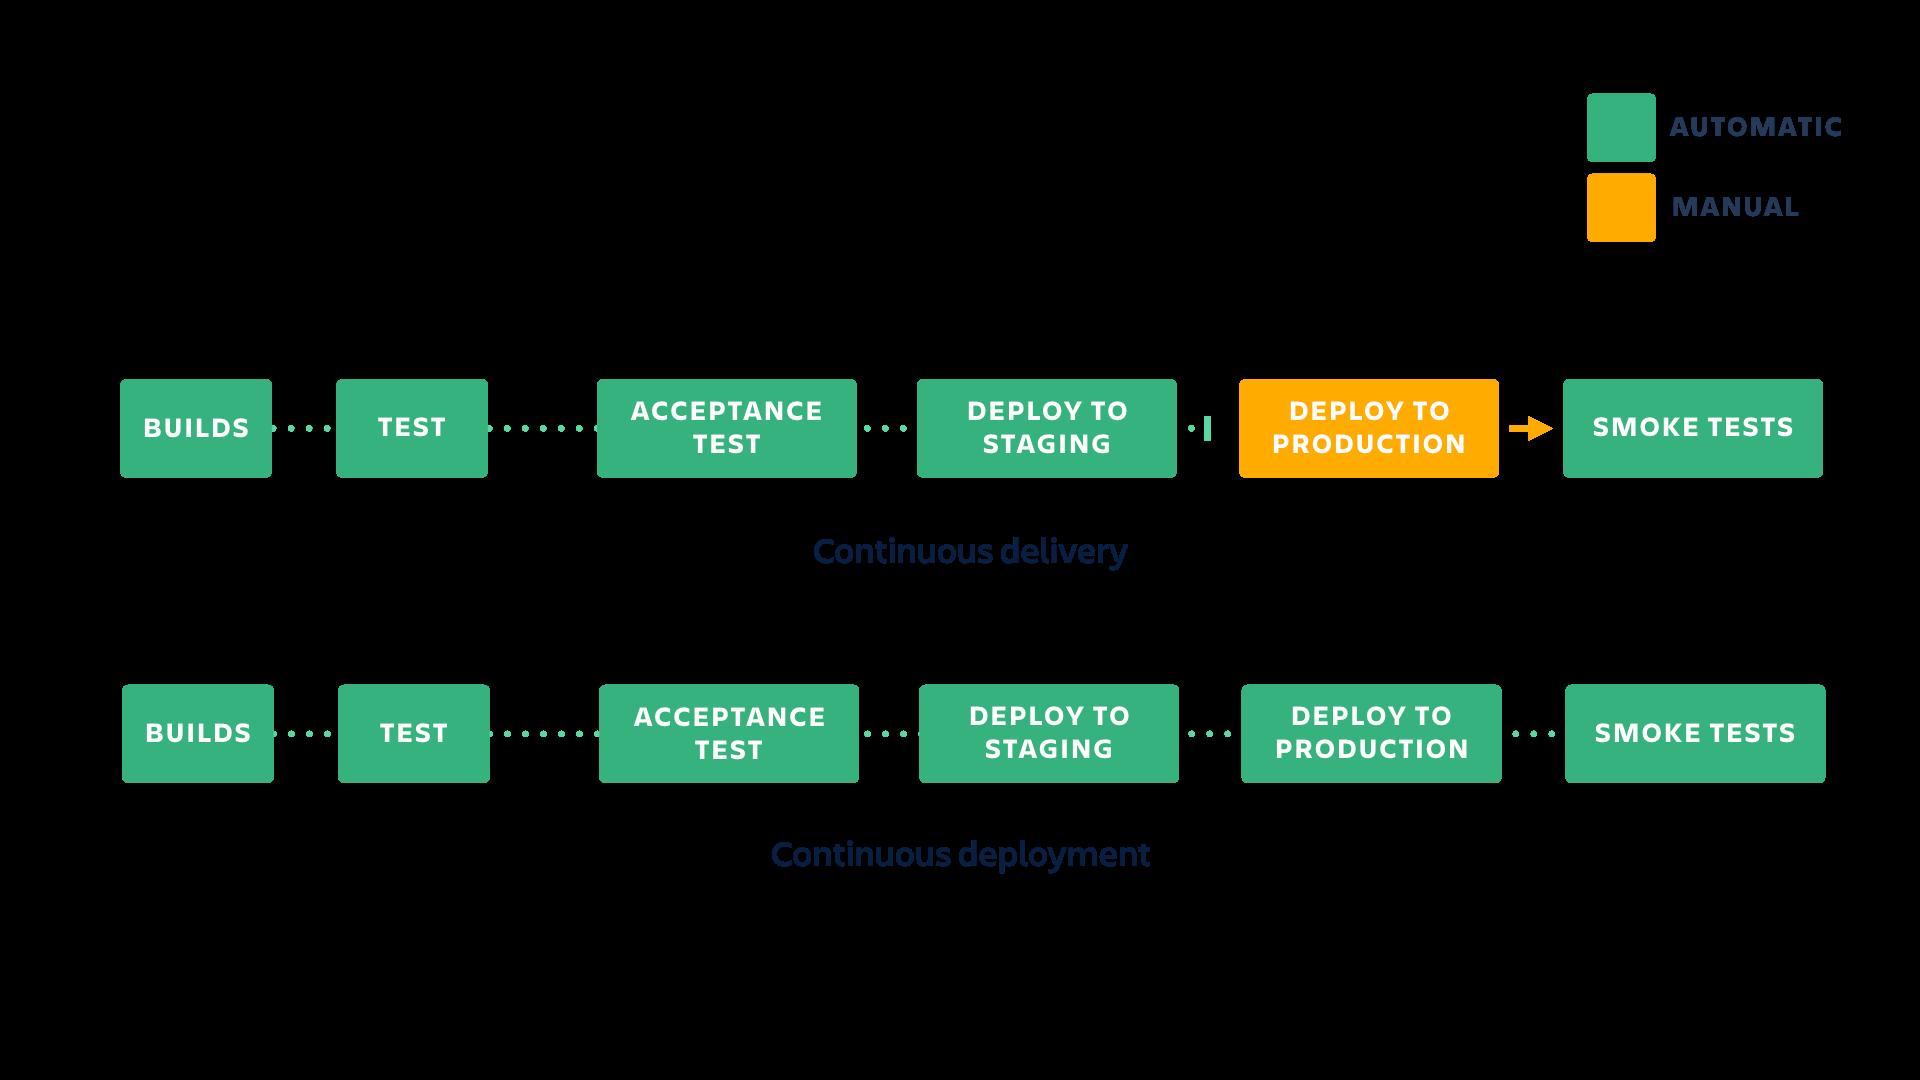 Vergleich zwischen Continuous Delivery und Continuous Deployment